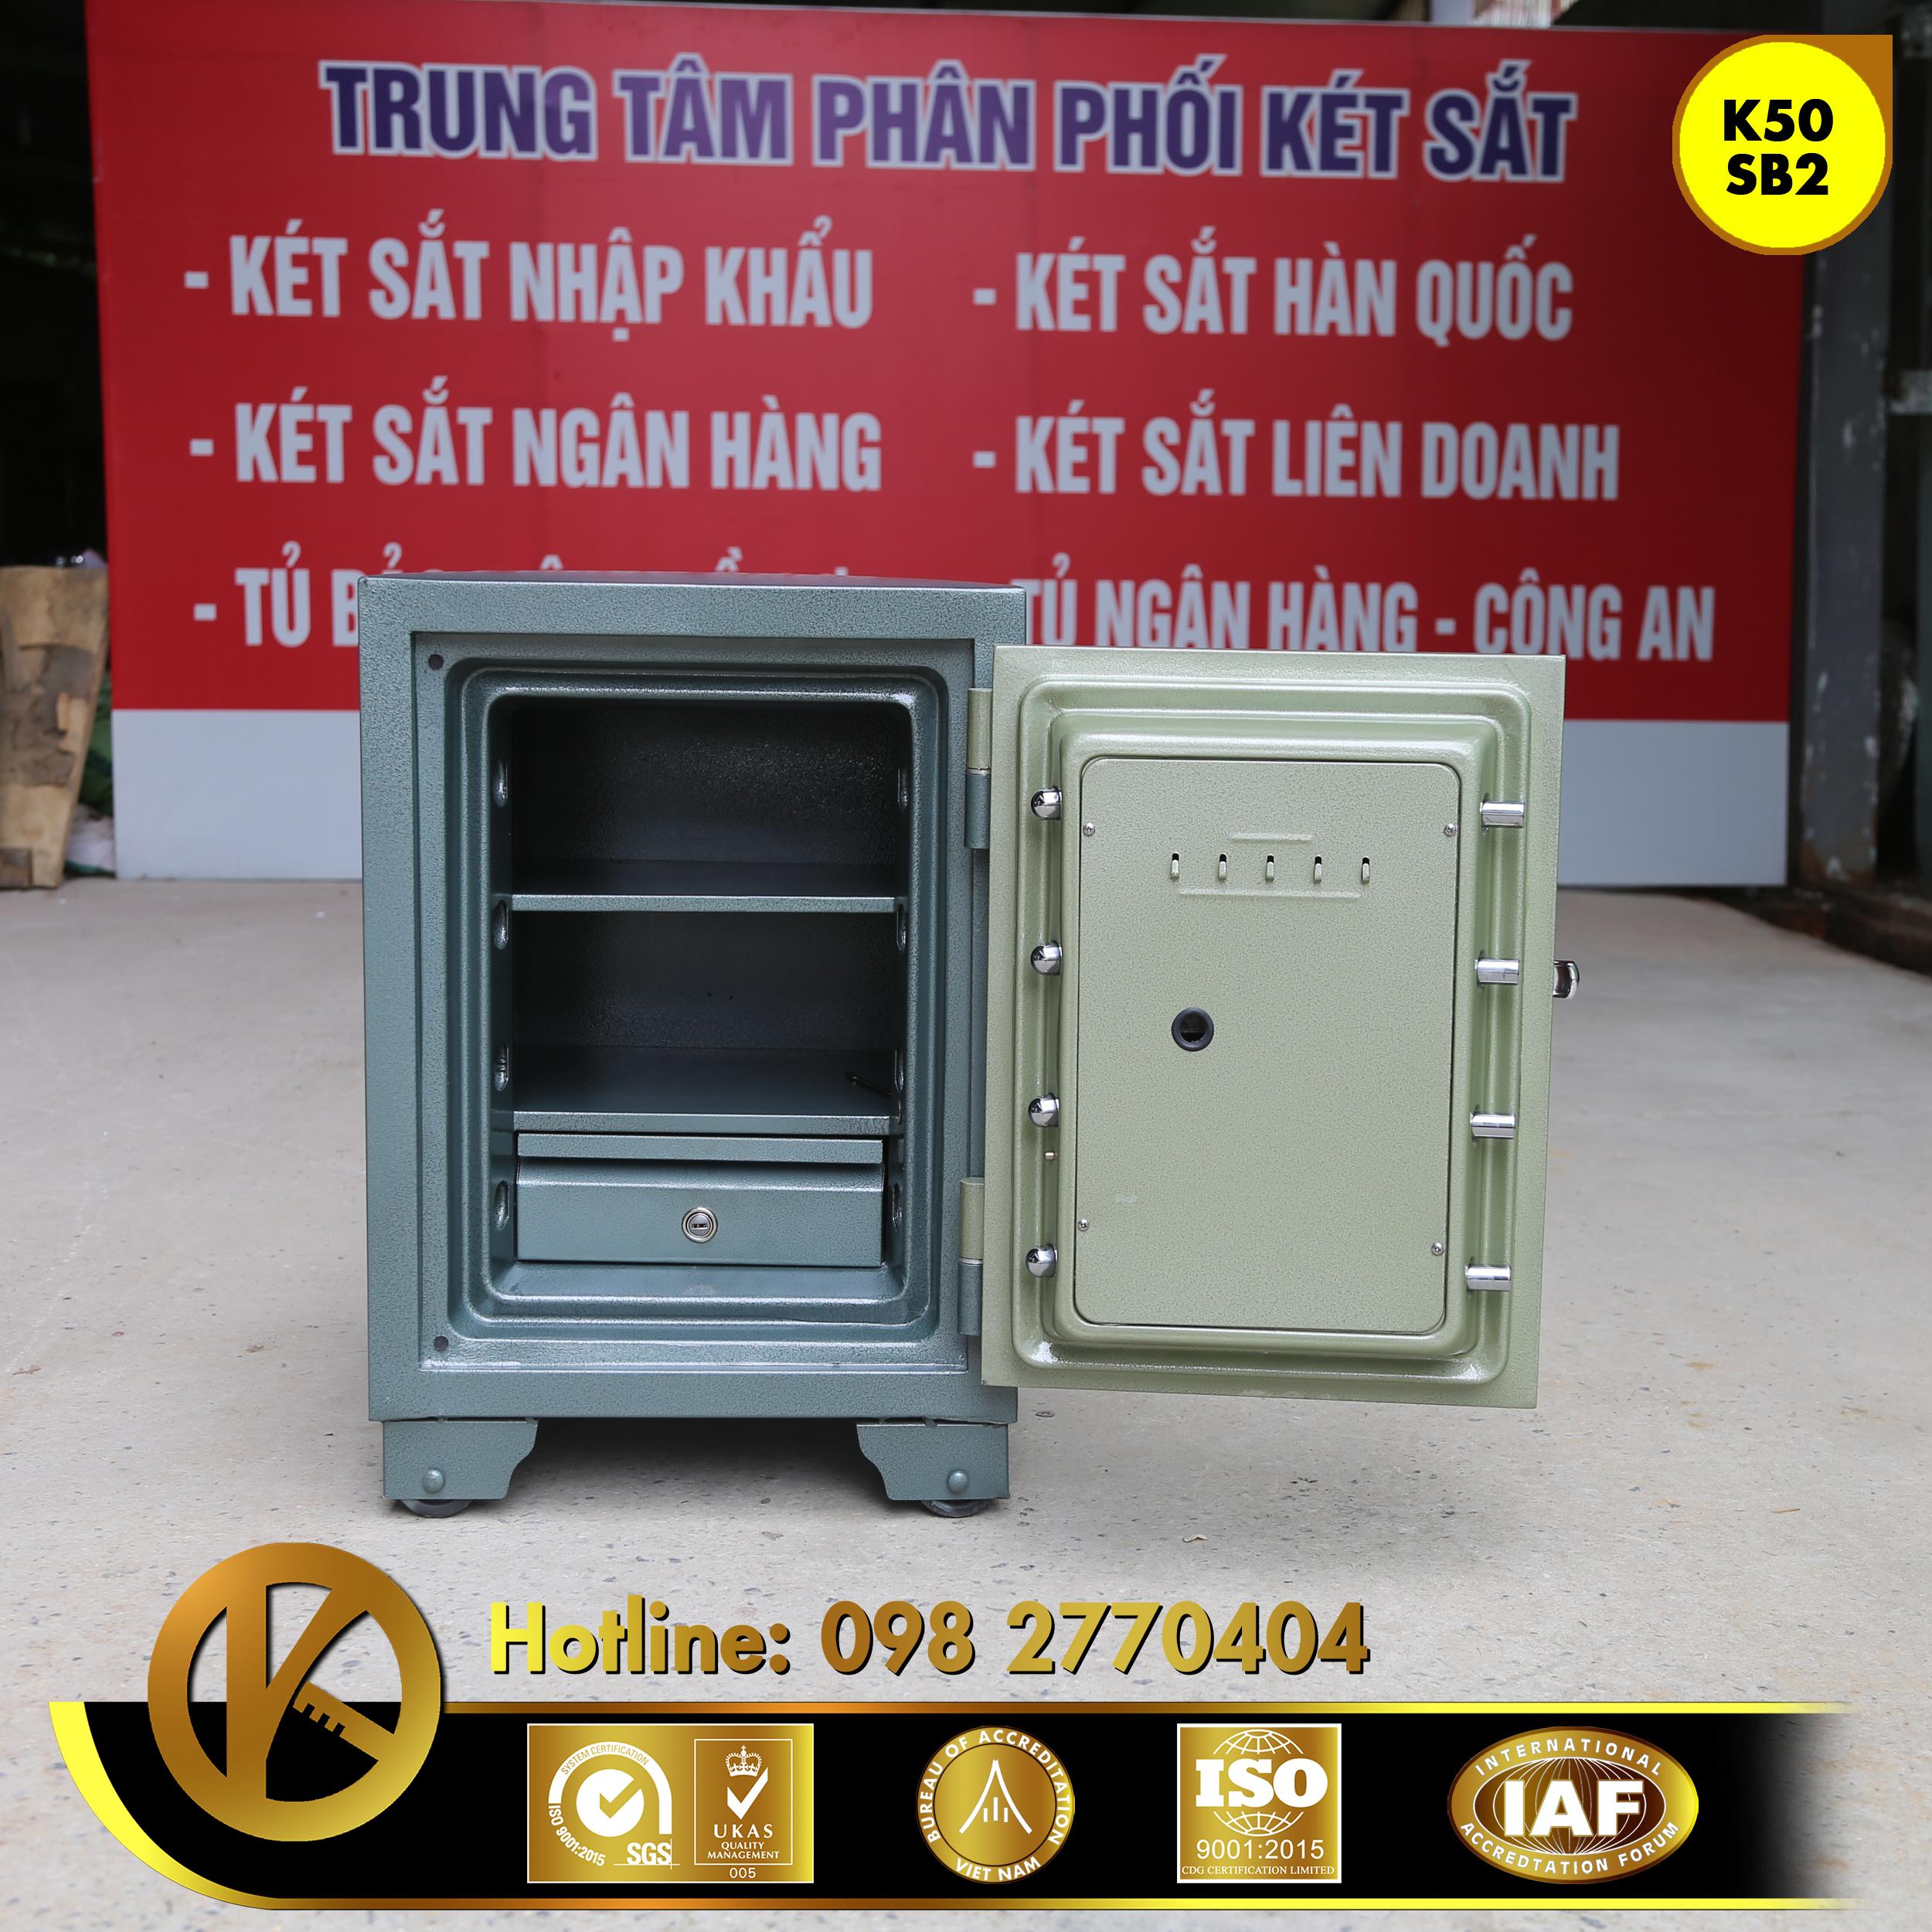 Két Sắt Ngân Hàng BEMC K50 SB2